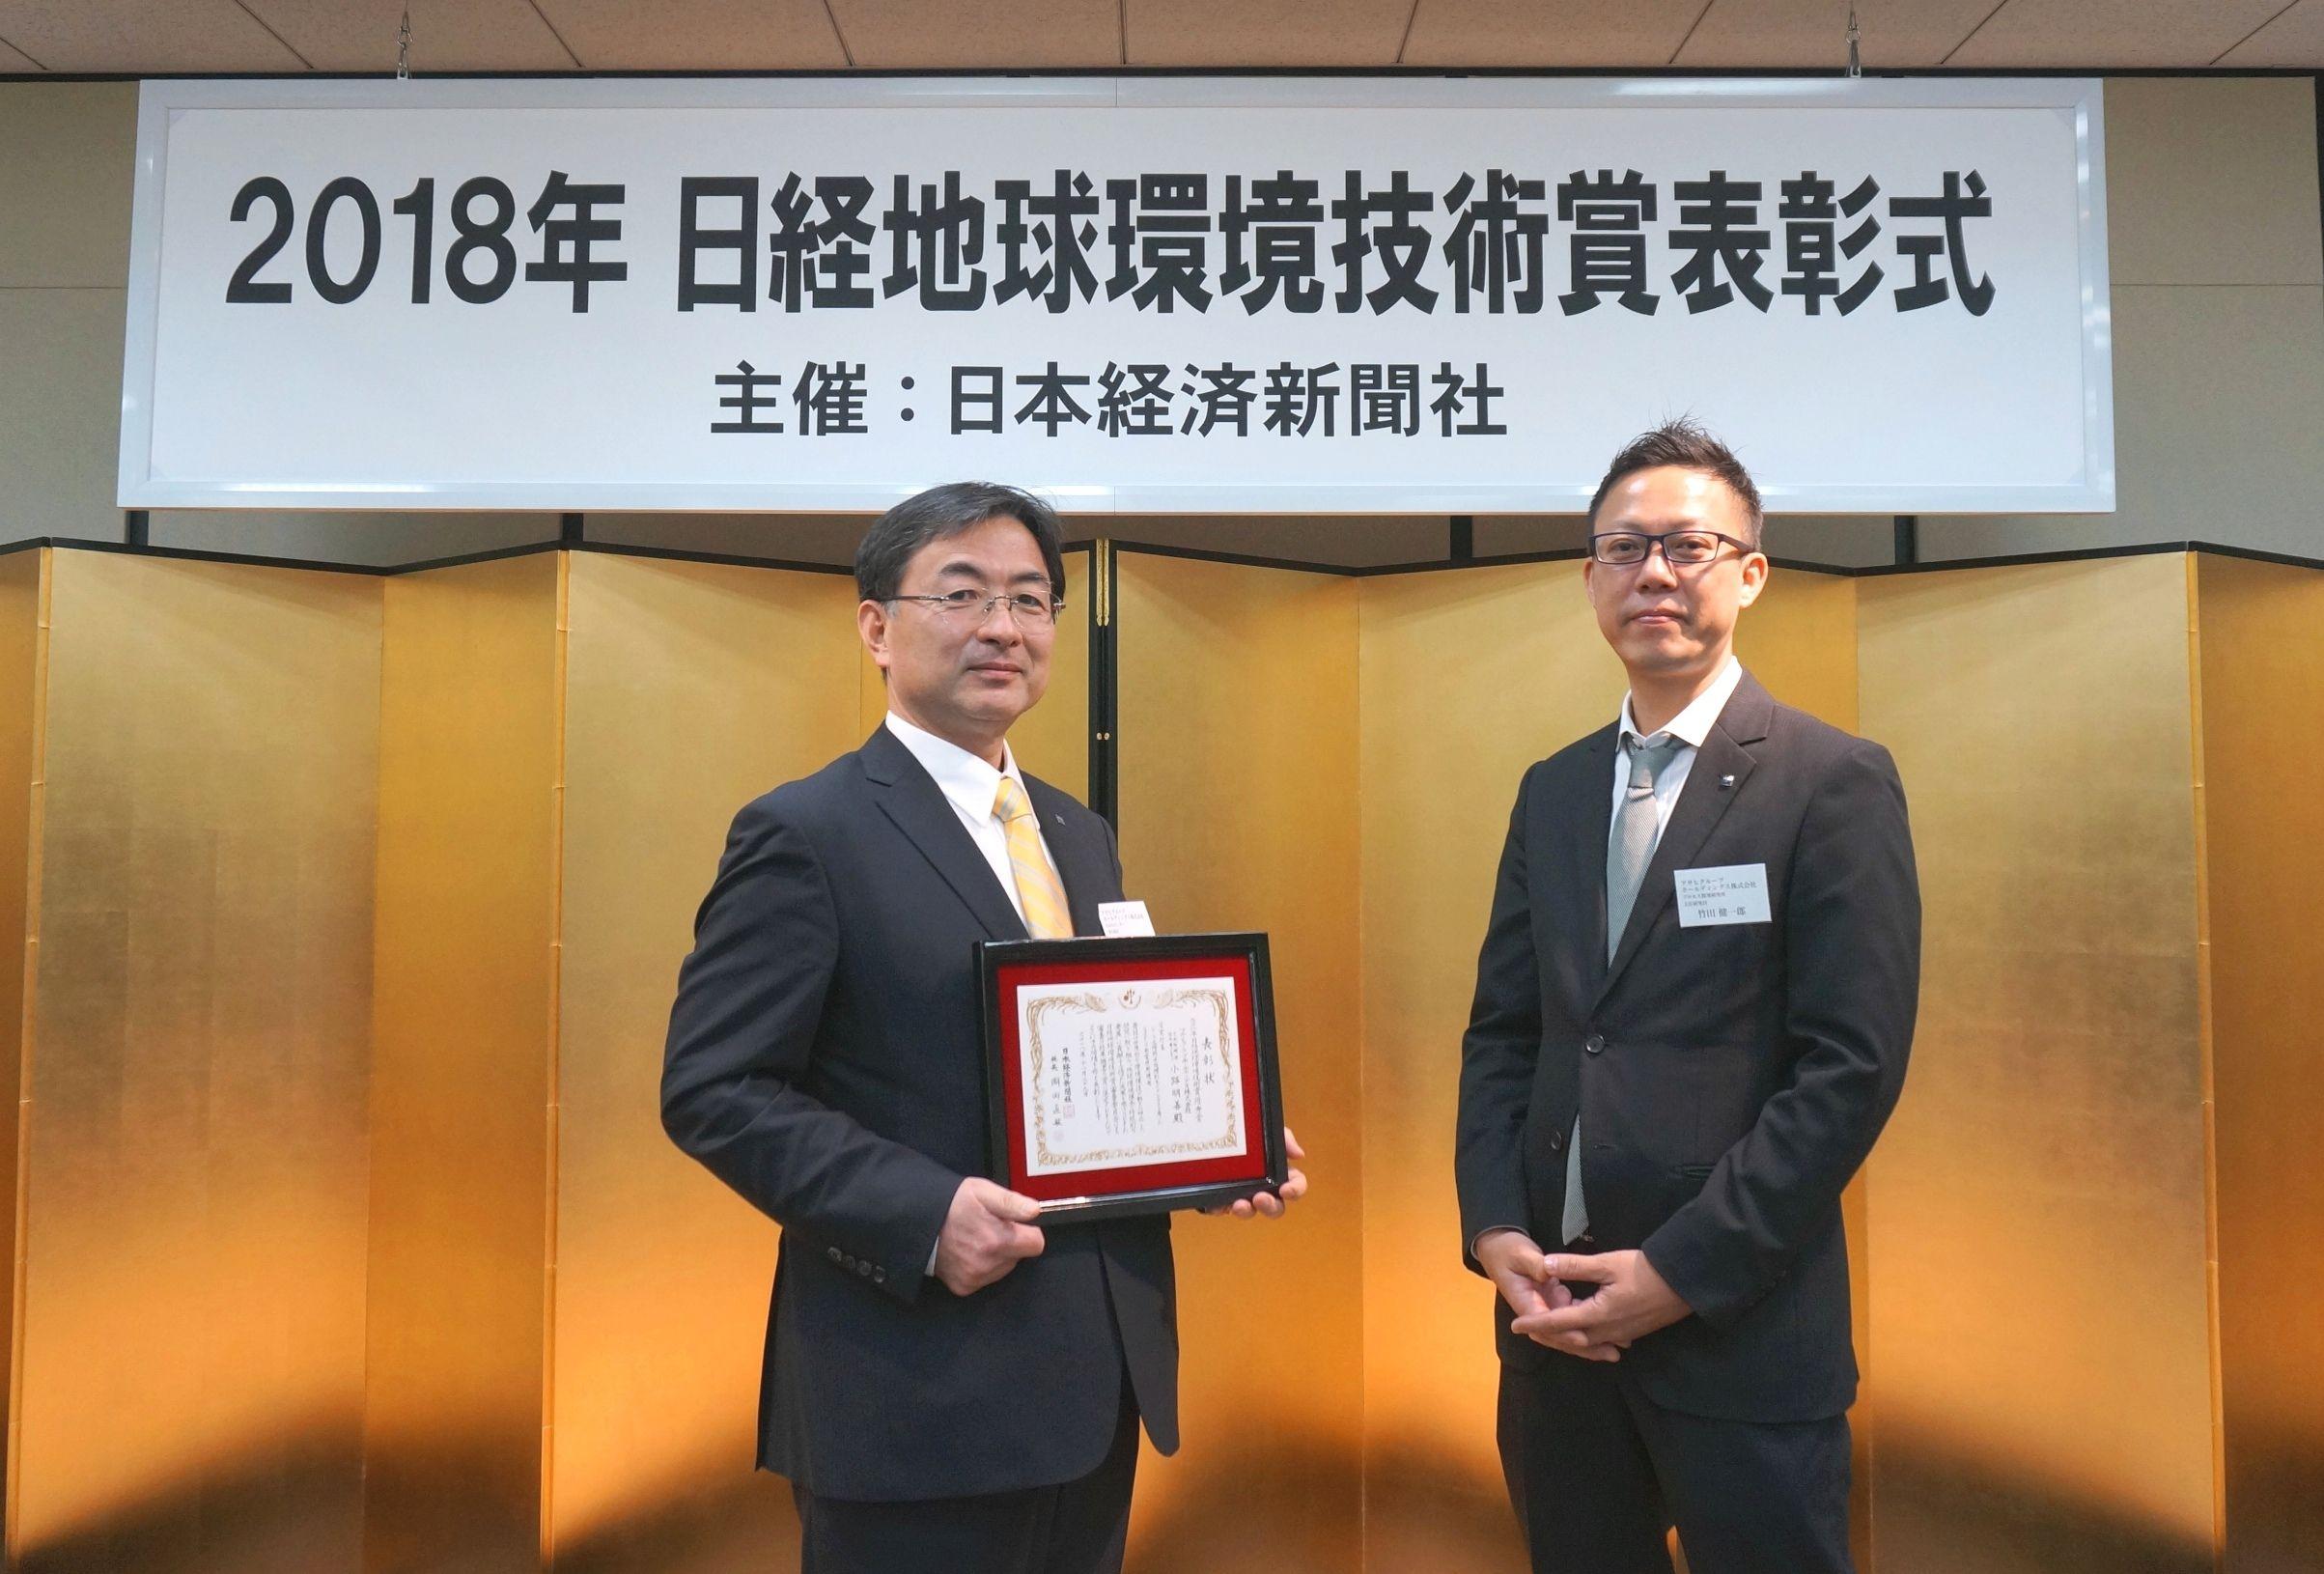 「ビール工場排水を利用した燃料電池(SOFC)による発電技術開発」が「第28回日経地球環境技術賞」において優秀賞を受賞!